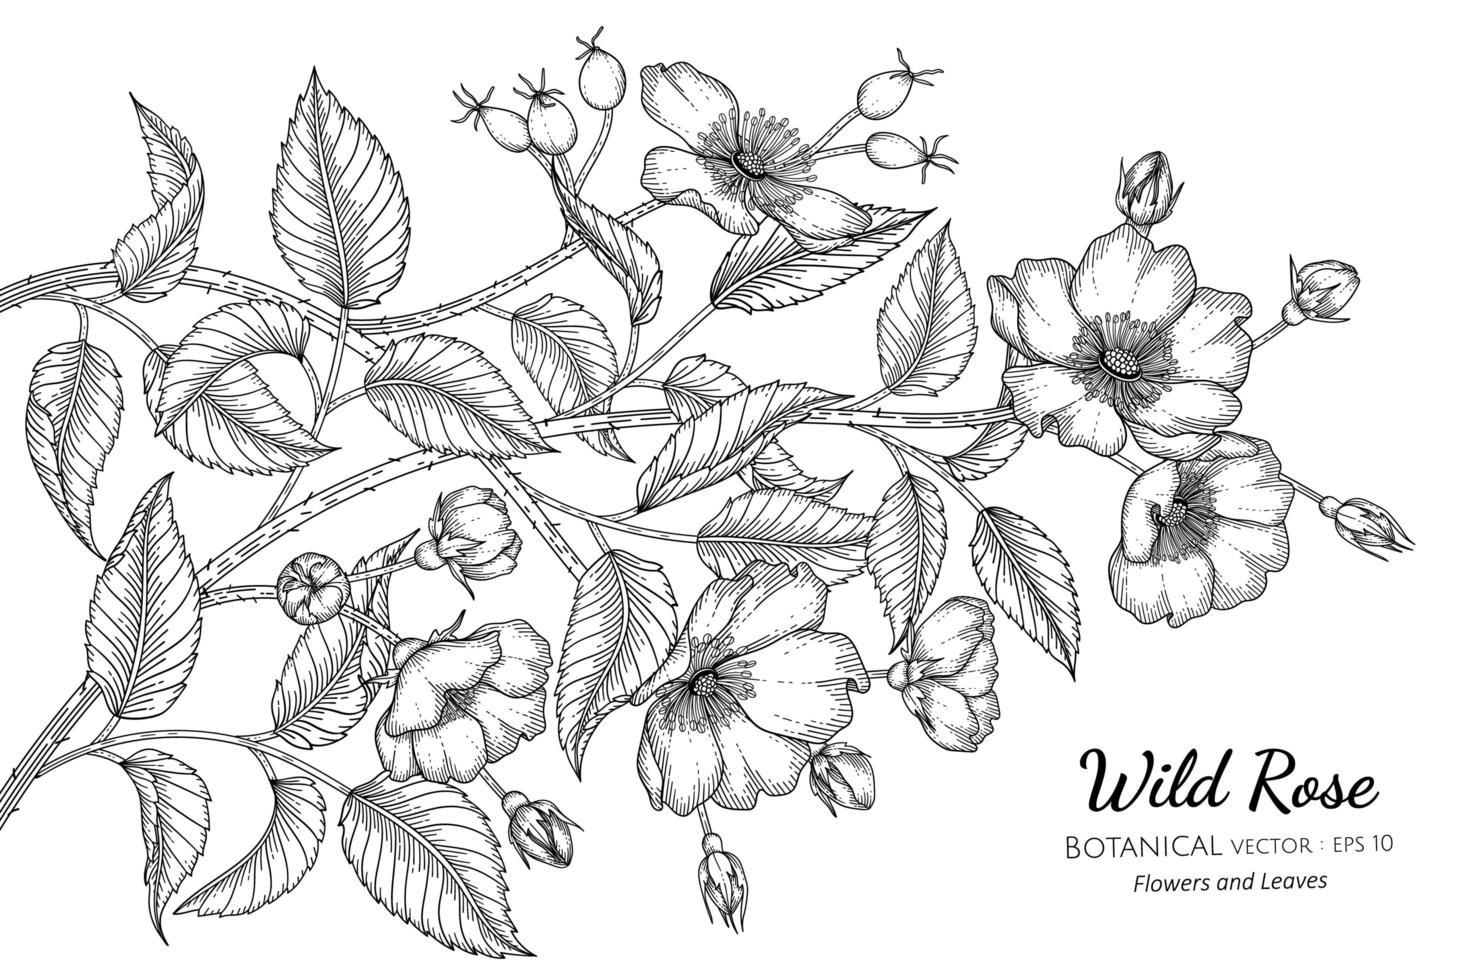 dessin au trait de fleurs et de feuilles de roses sauvages dessinées à la main vecteur